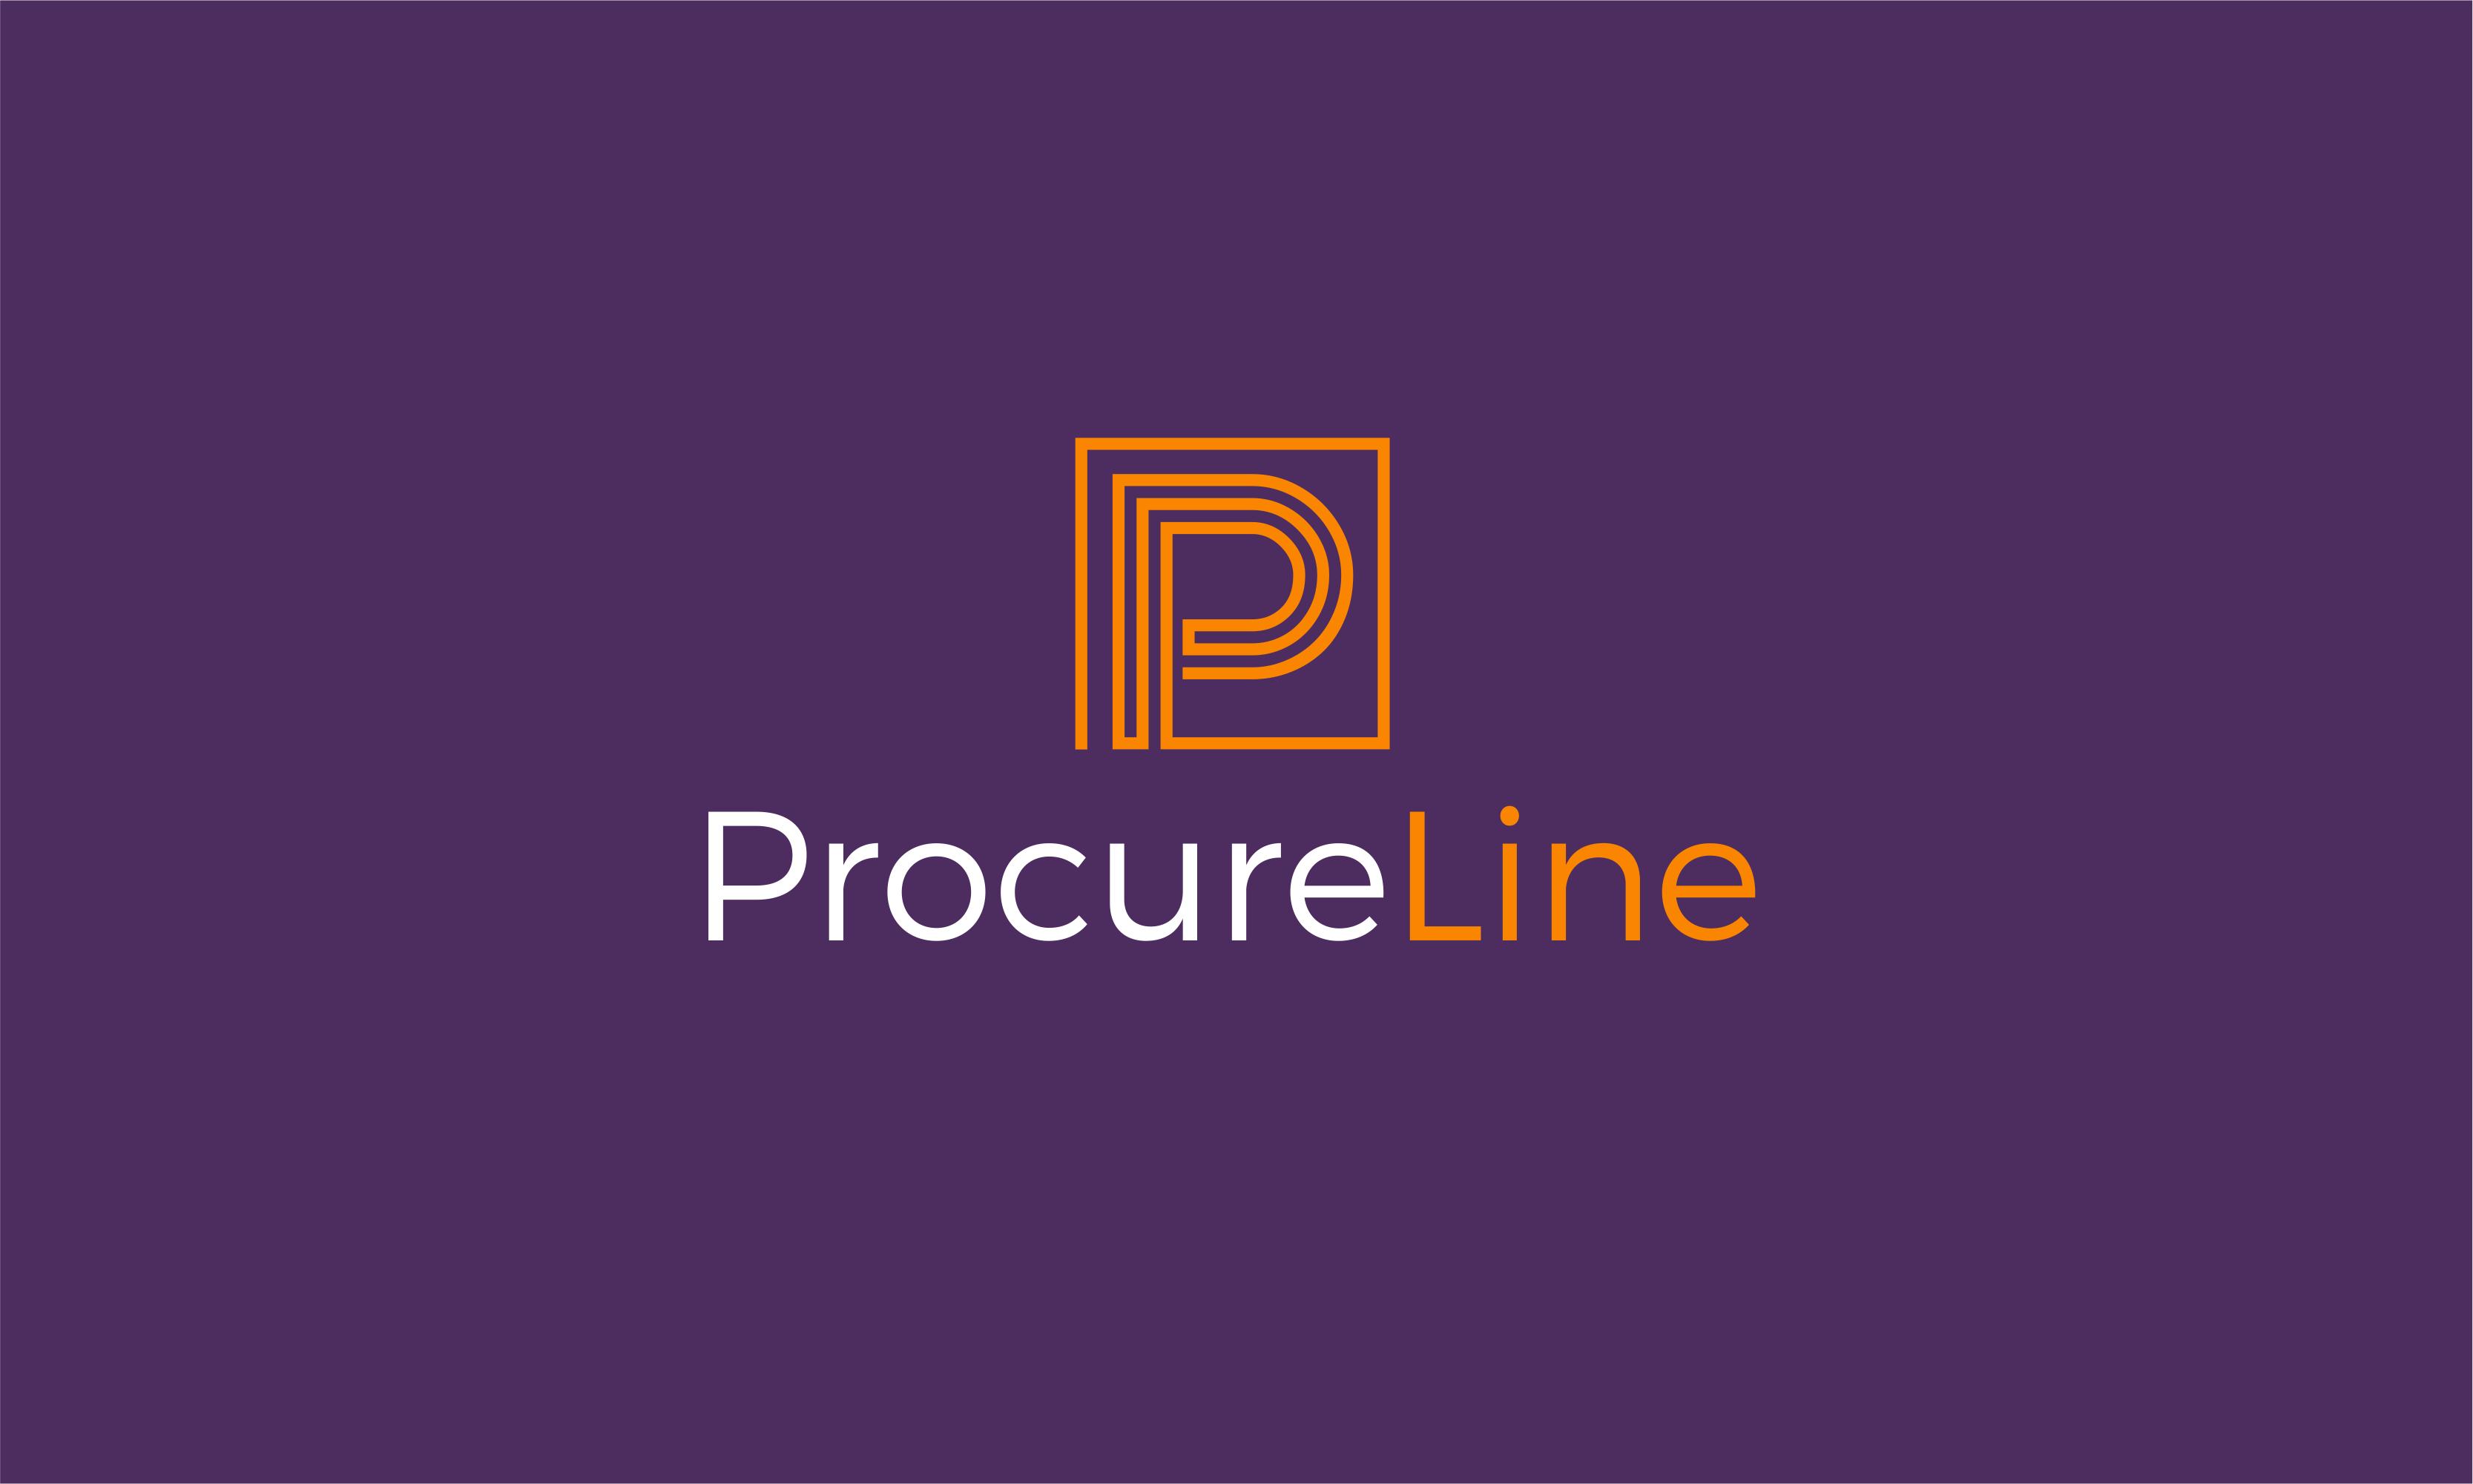 Procureline